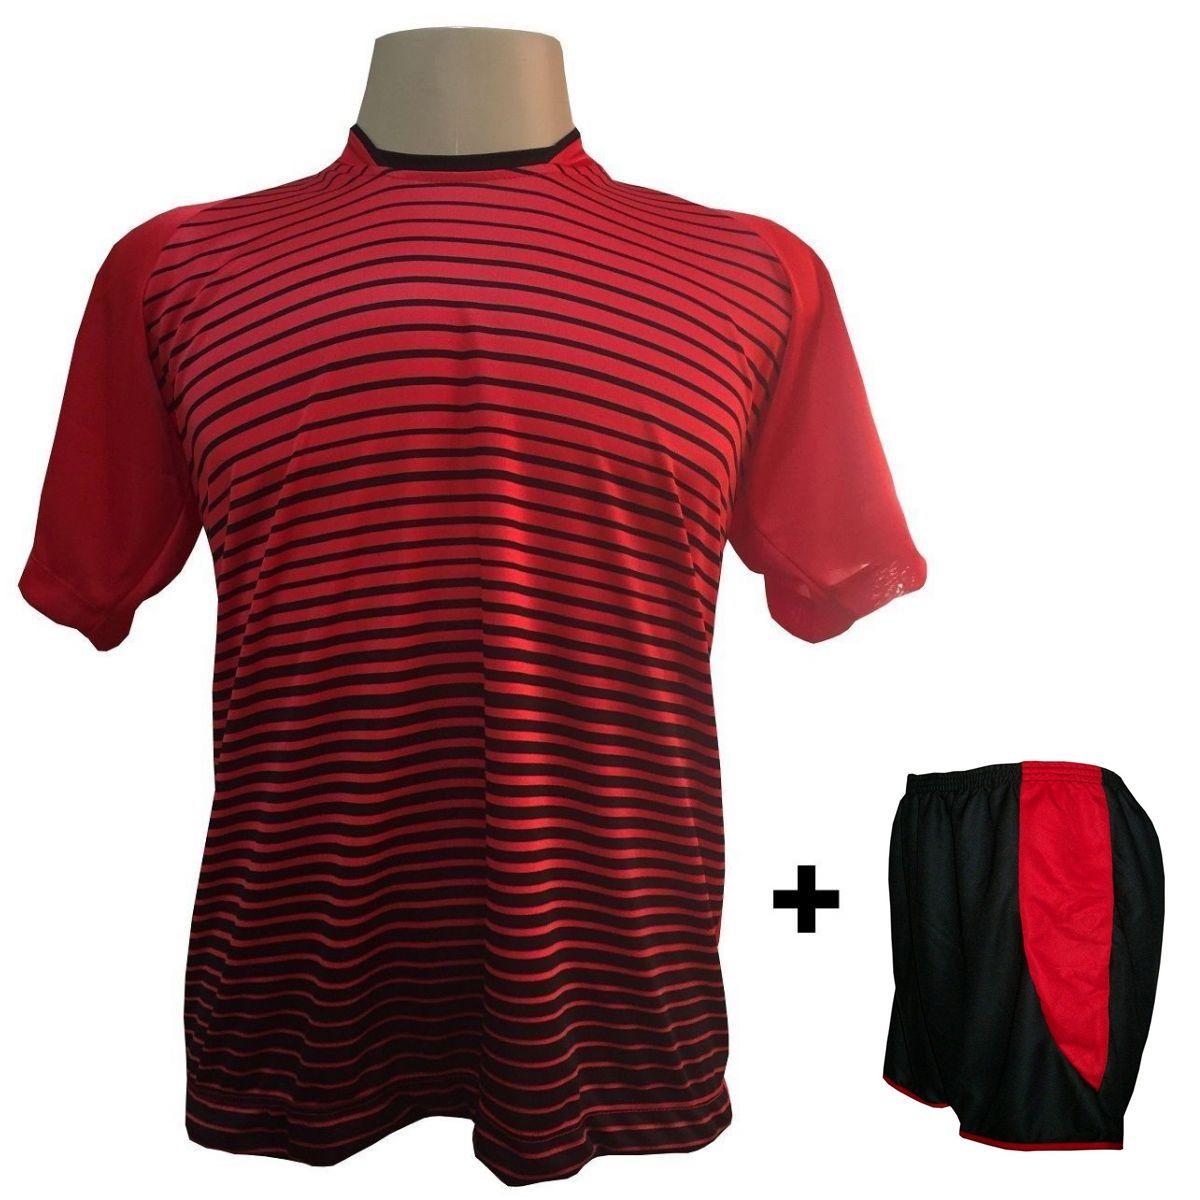 Uniforme Esportivo com 18 camisas modelo City Vermelho/Preto + 18 calções modelo Copa + 1 Goleiro + Brindes